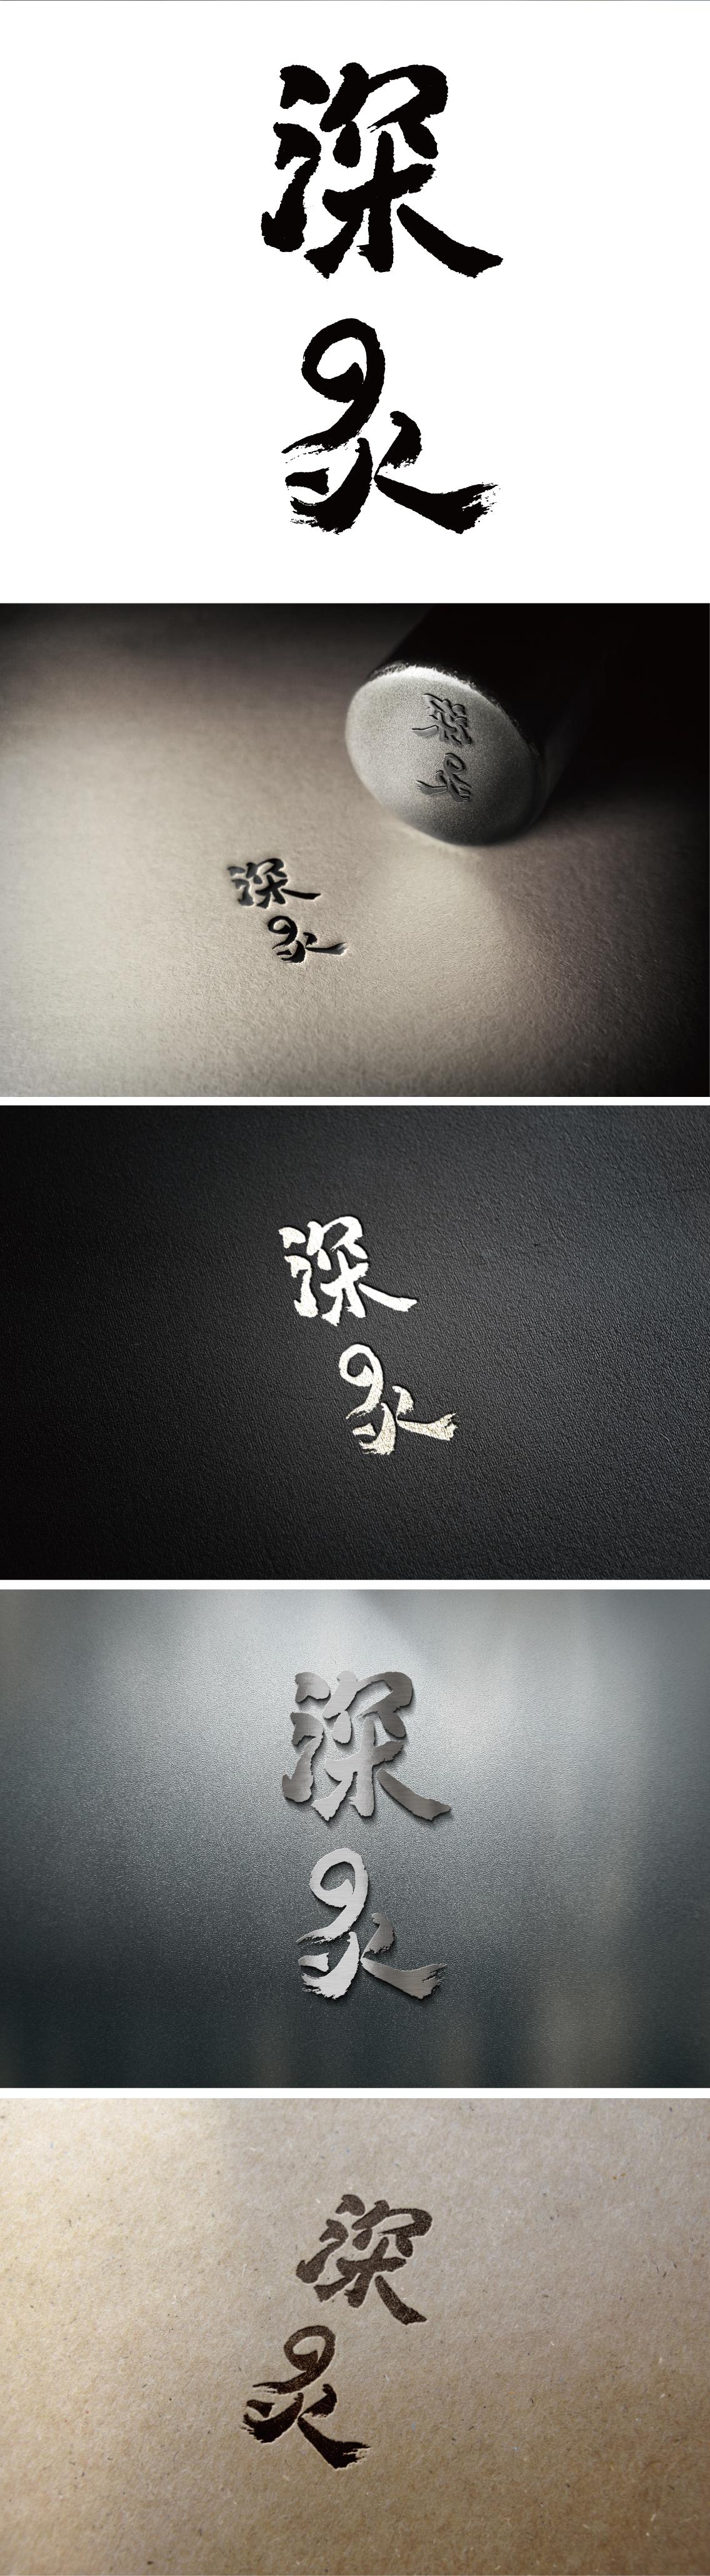 艾王来了网页-04